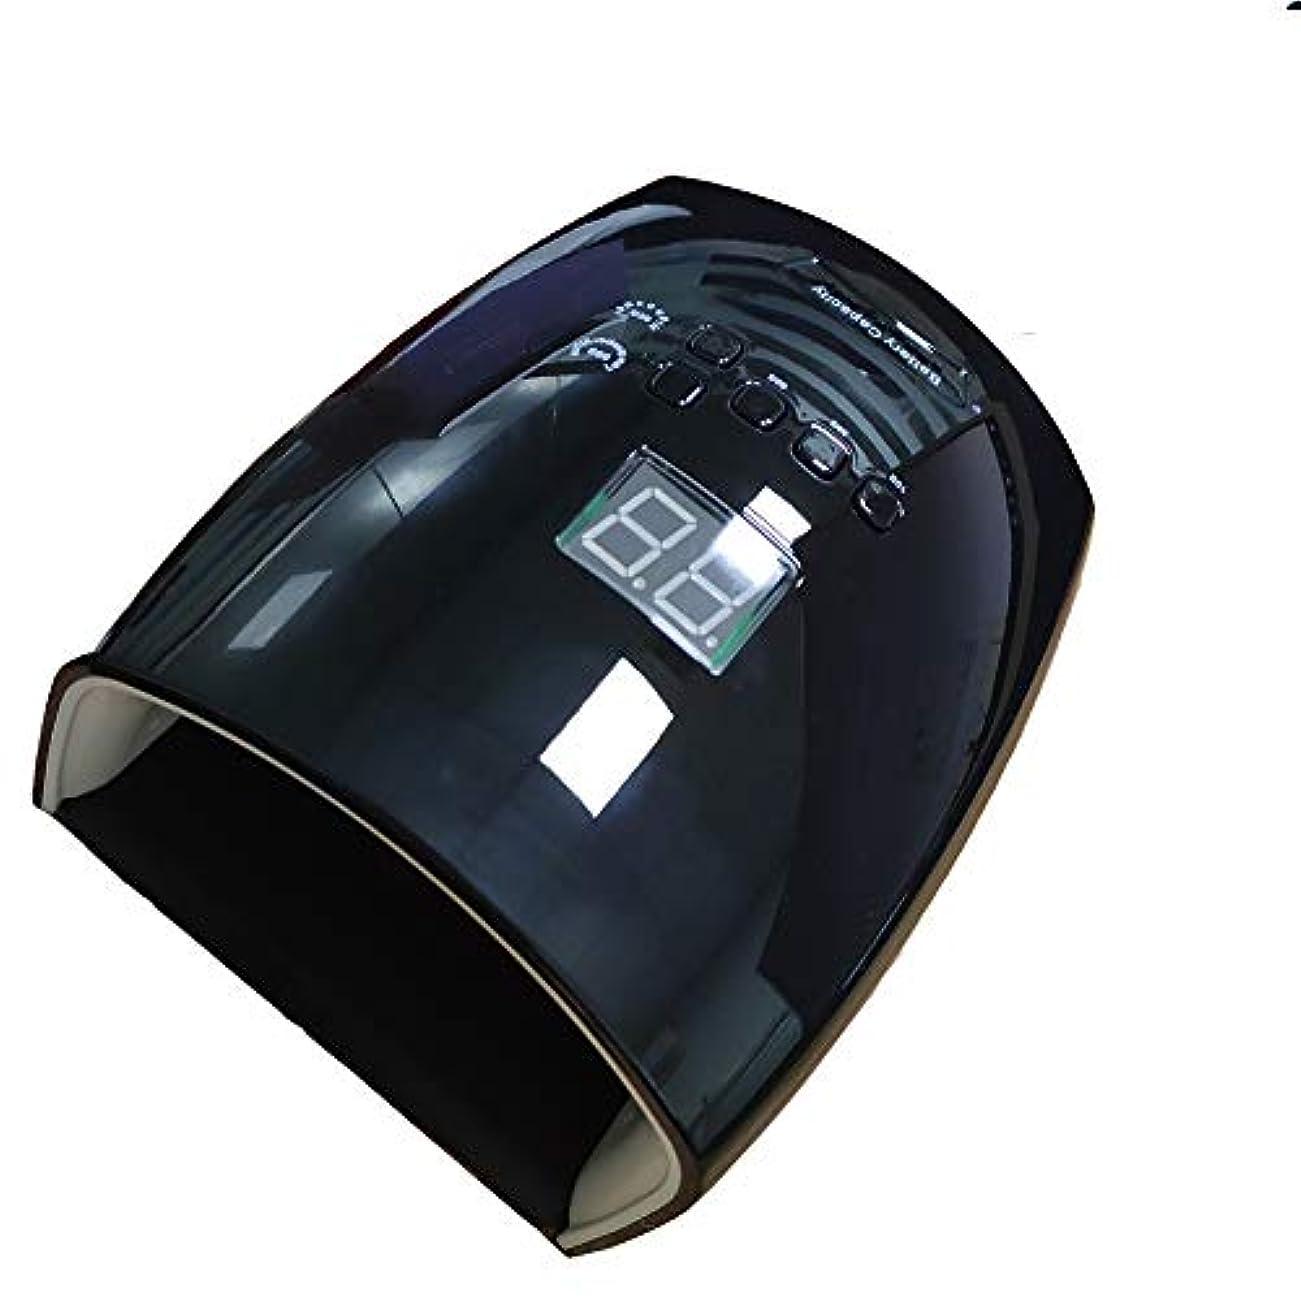 未就学貸し手コンセンサスLEDネイルマシン、インテリジェント赤外線センサー多機能ネイル硬化機プロの美容ネイルポリッシャー、取り外し可能な高速乾燥ジェルマシン